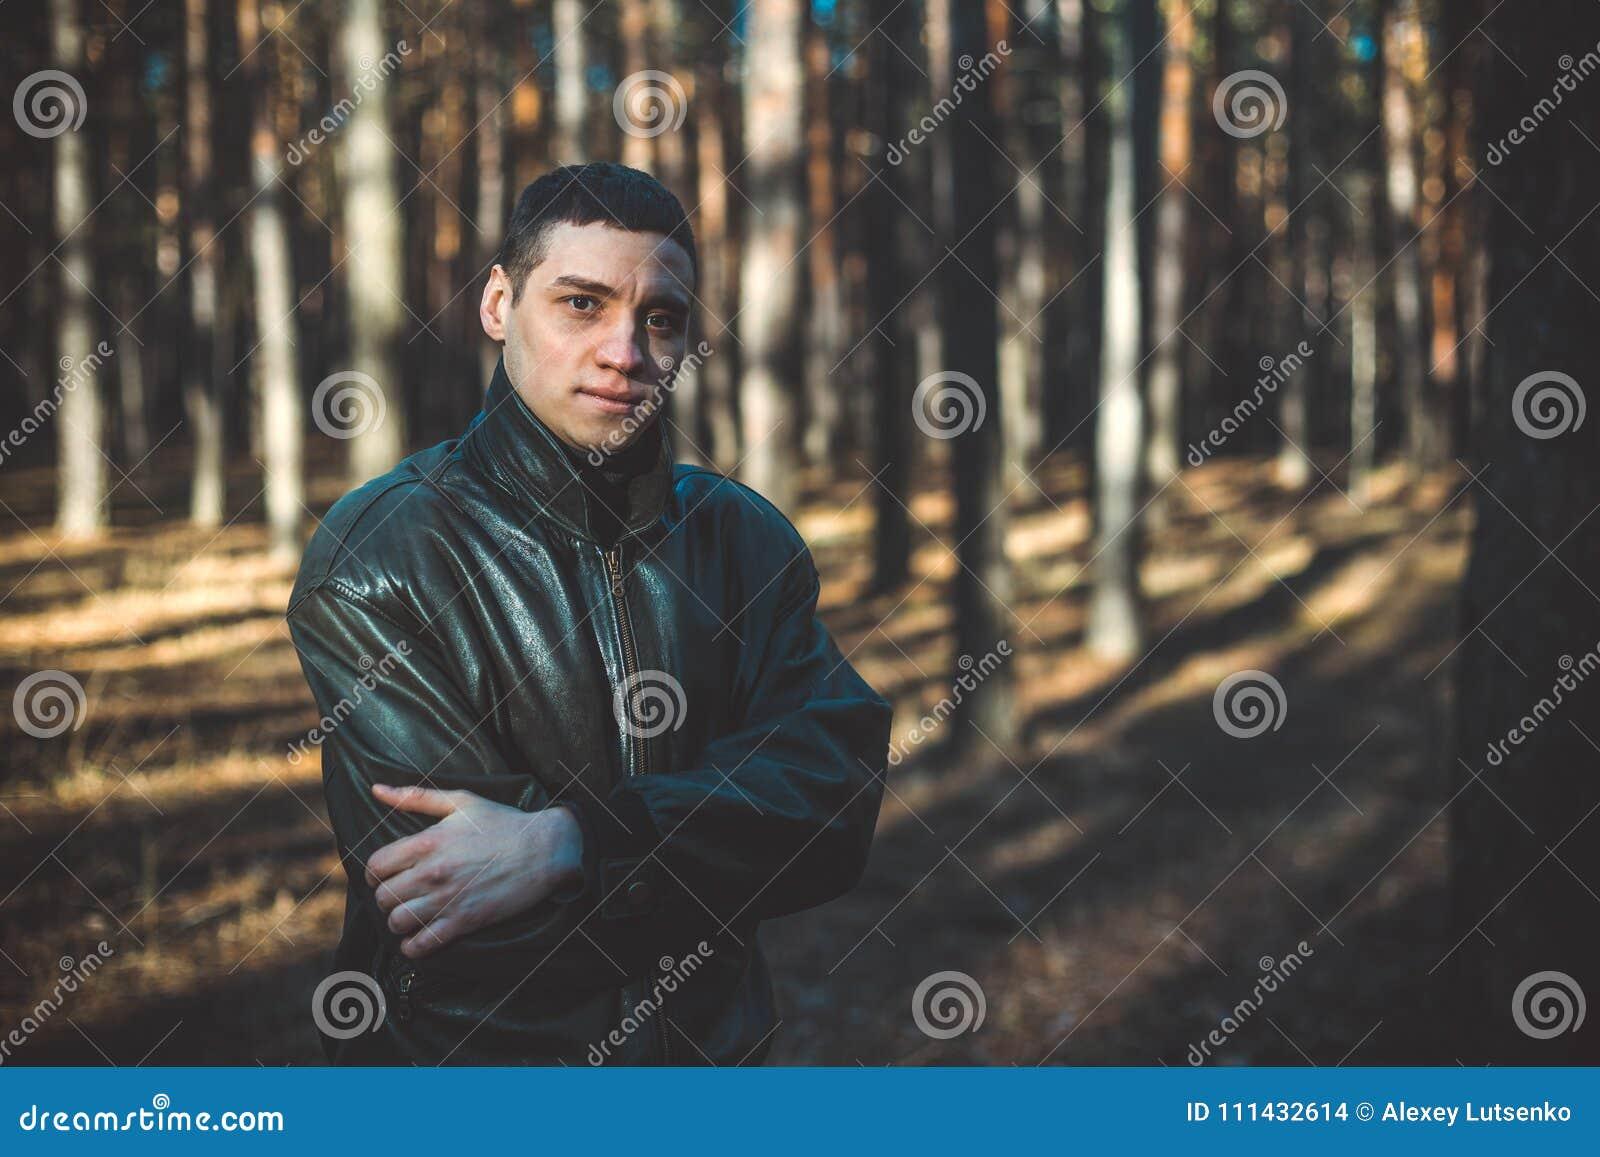 En Joven Chaqueta Negra De Aspecto Hombre Una Cuero Criminal Un qXO05xT